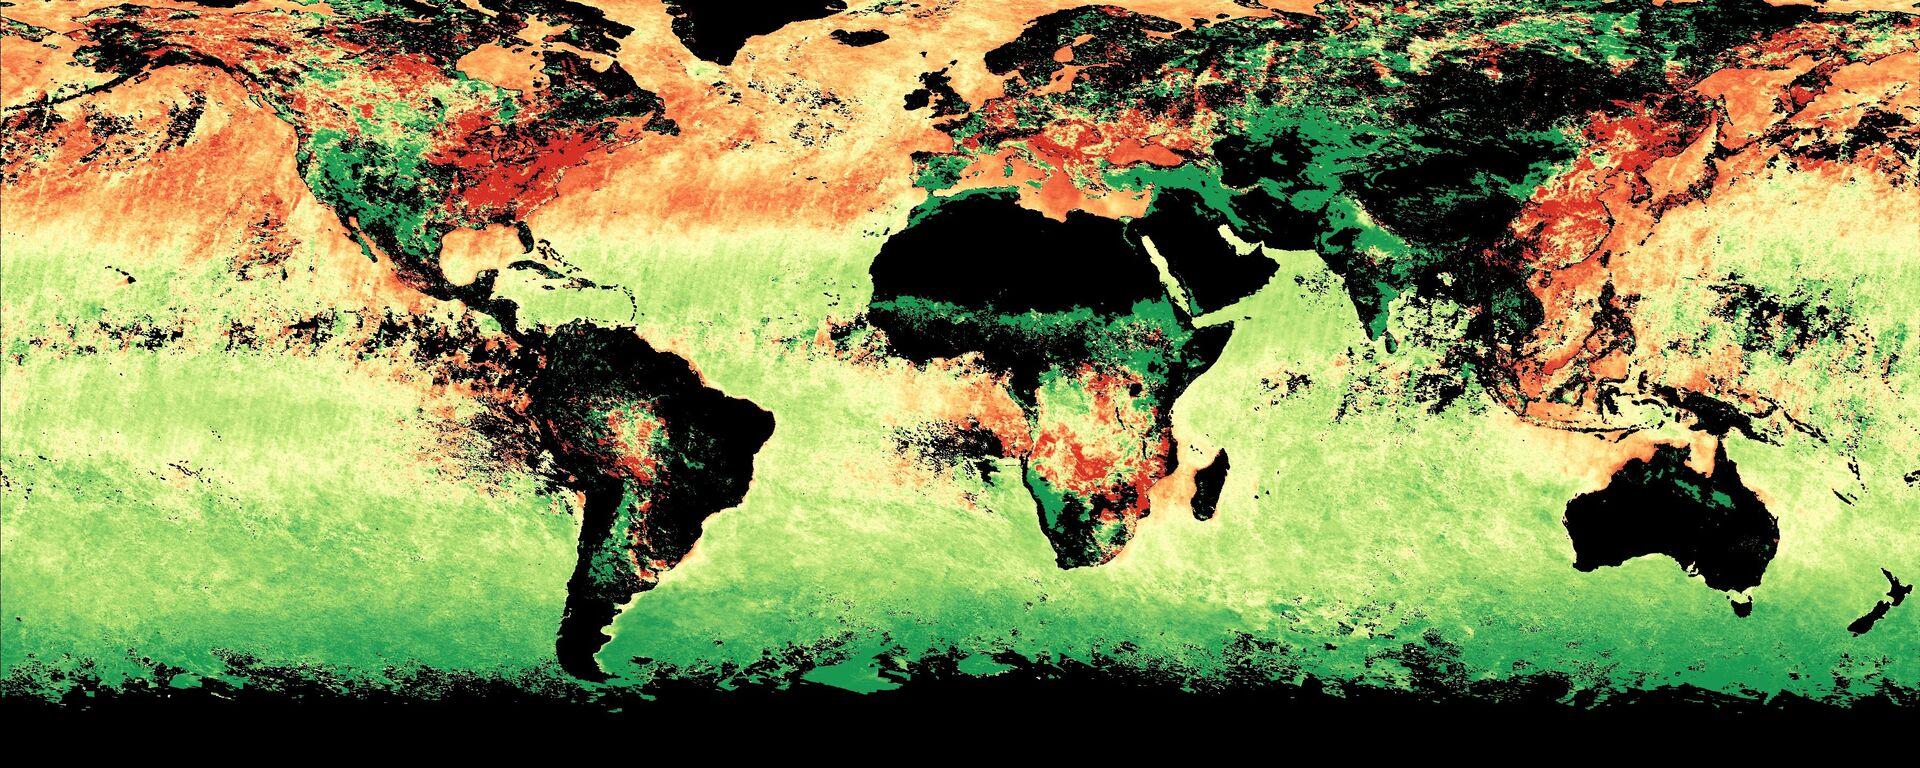 Cambios en la atmósfera terrestre - Sputnik Mundo, 1920, 22.04.2021